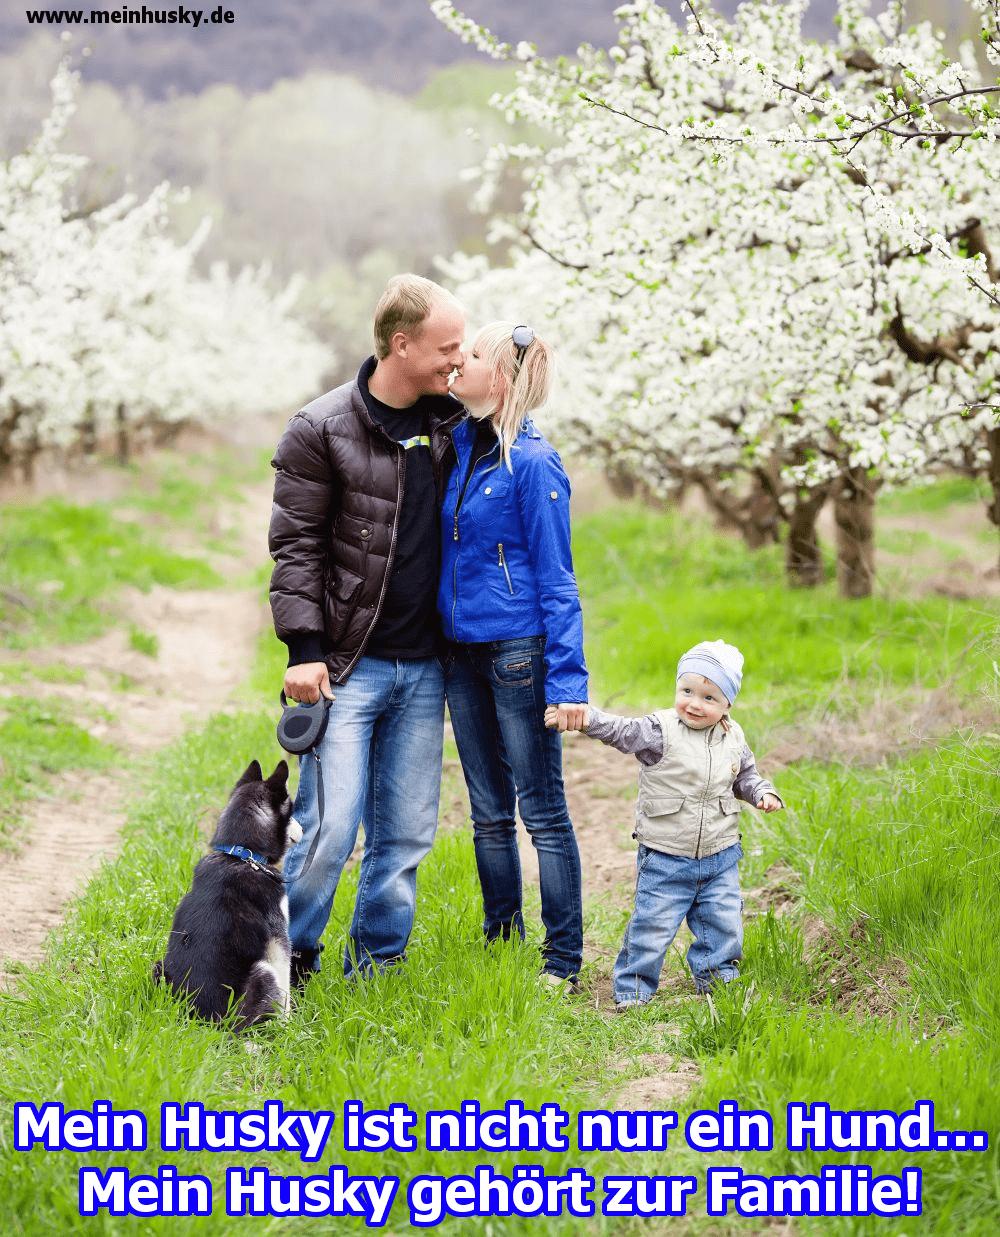 Eine Familie im Garten und ihr Husky